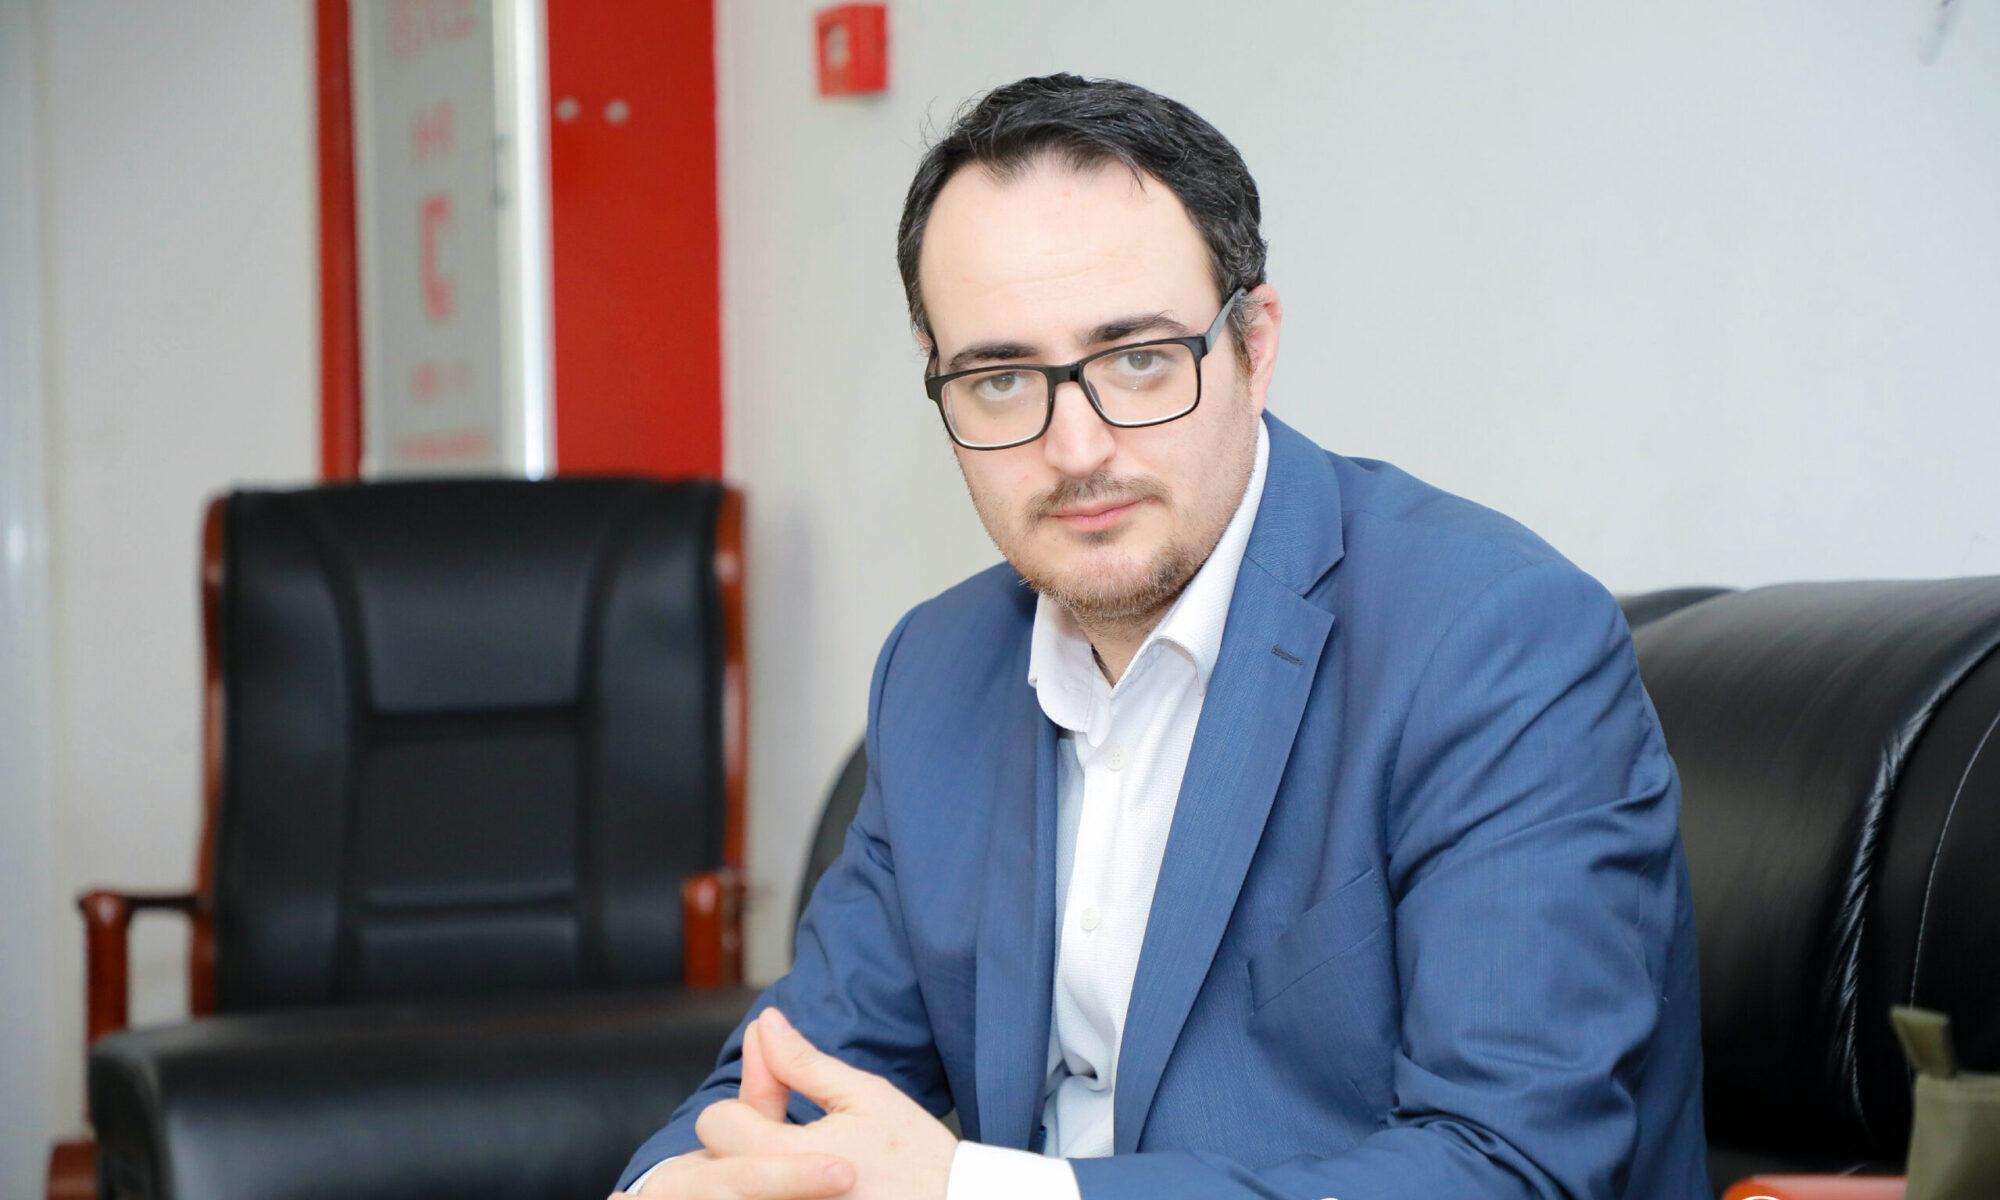 Rashid Aliyev